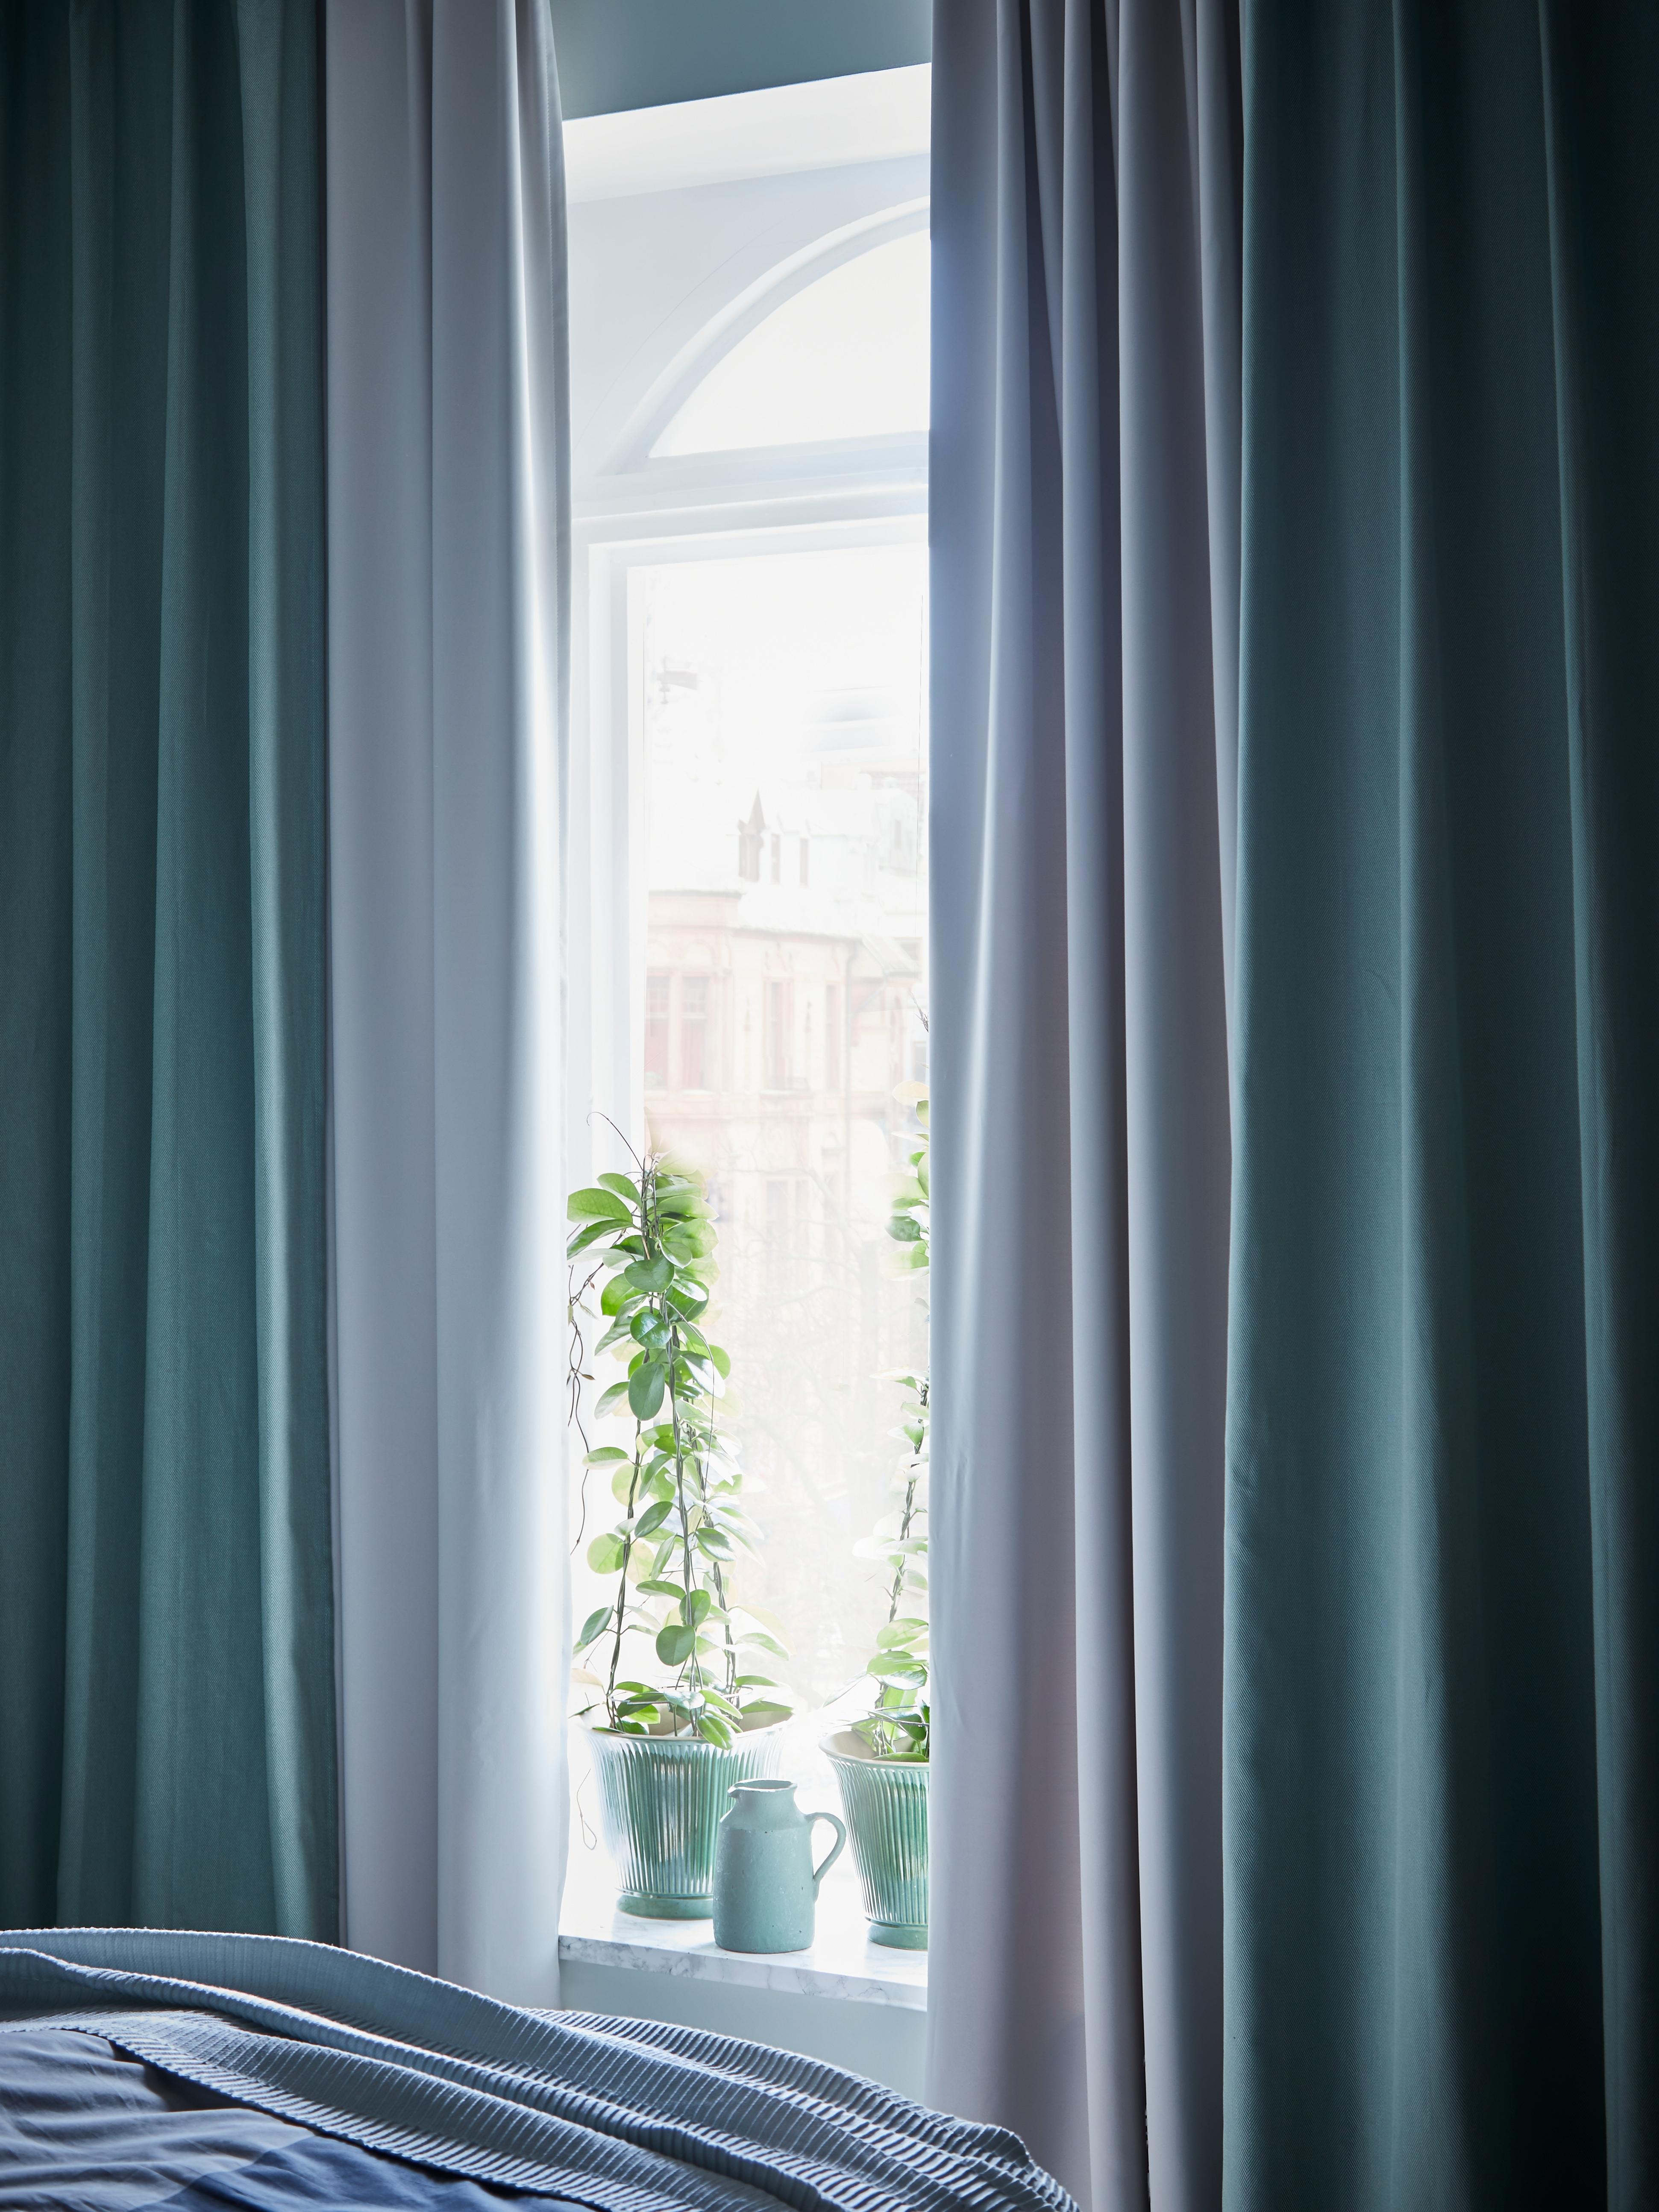 Camera da letto con tende semioscuranti MAJGUL grigio chiaro sotto tende blu e piante sul davanzale della finestra.